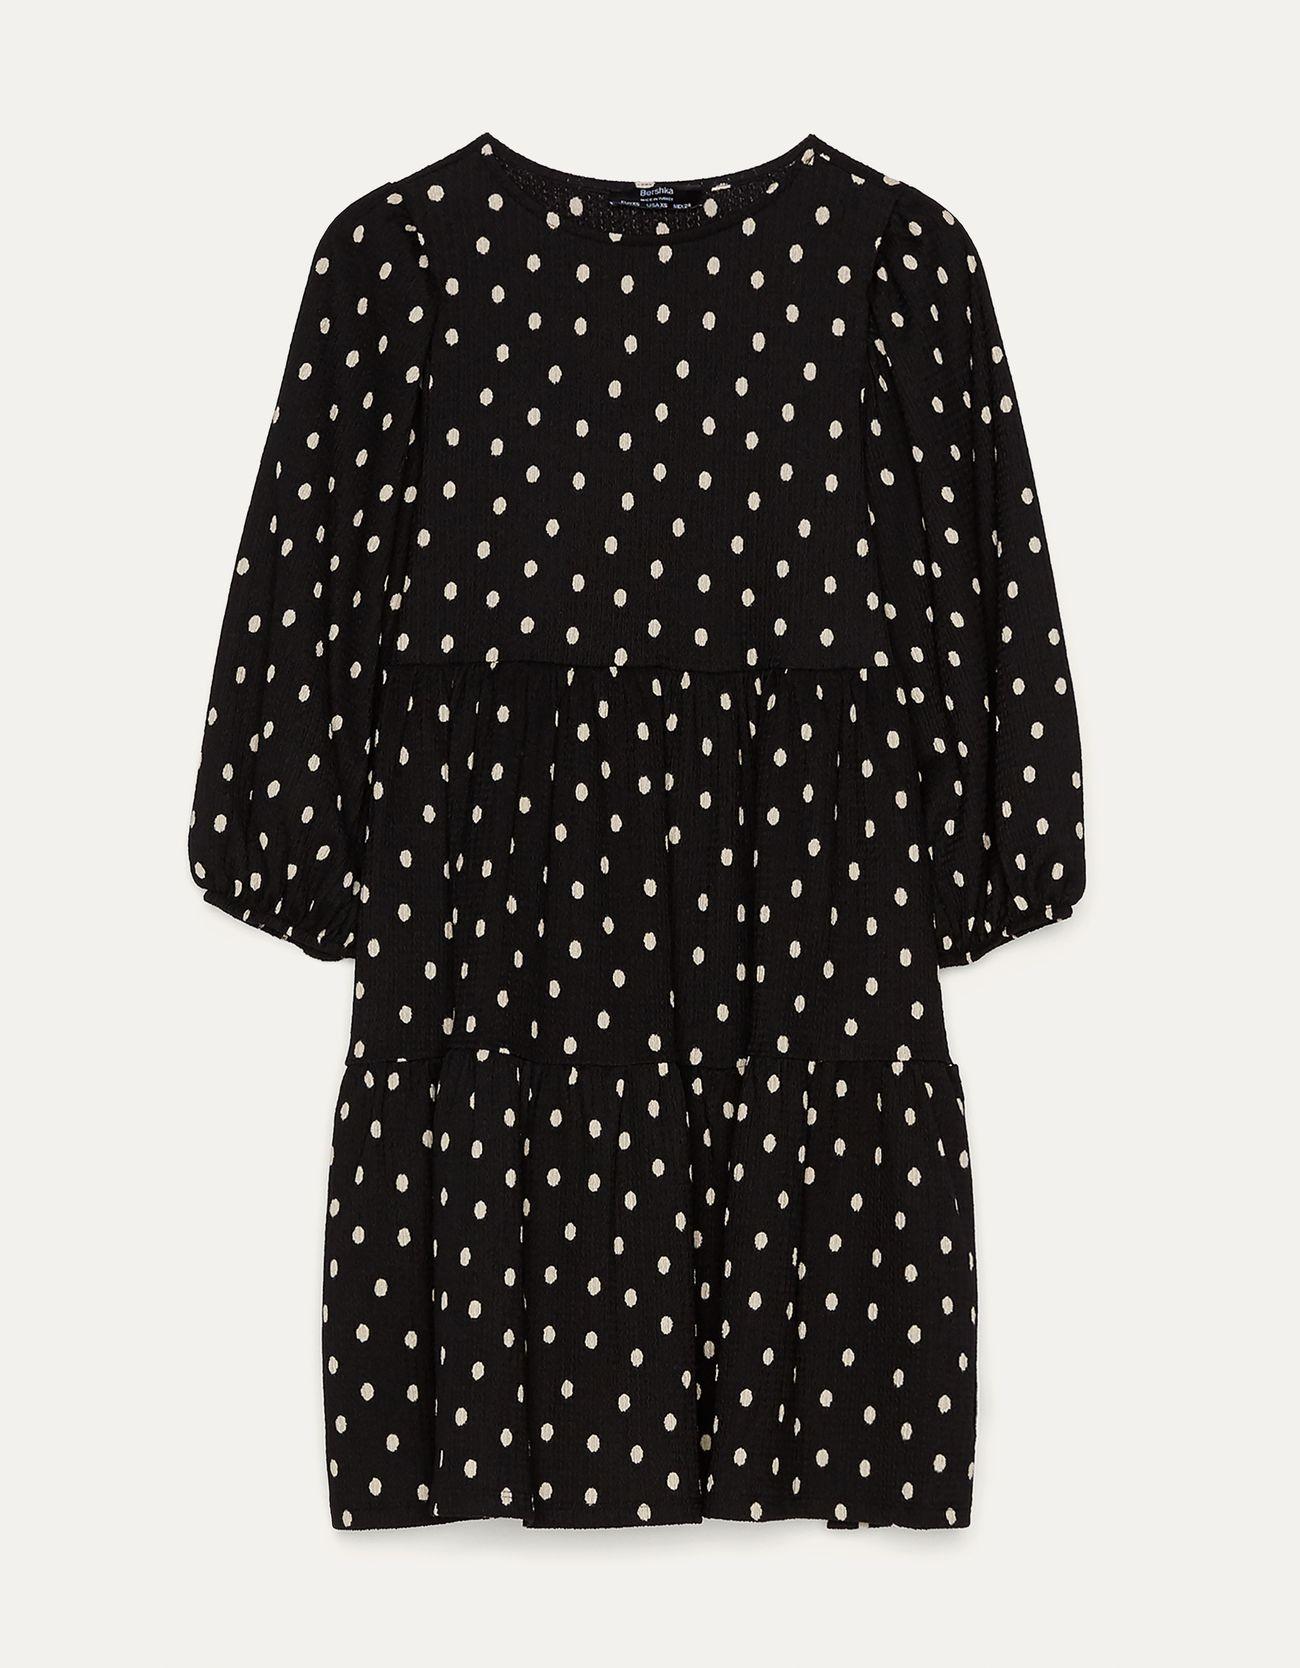 Короткое платье с принтом Белый/Черный Bershka